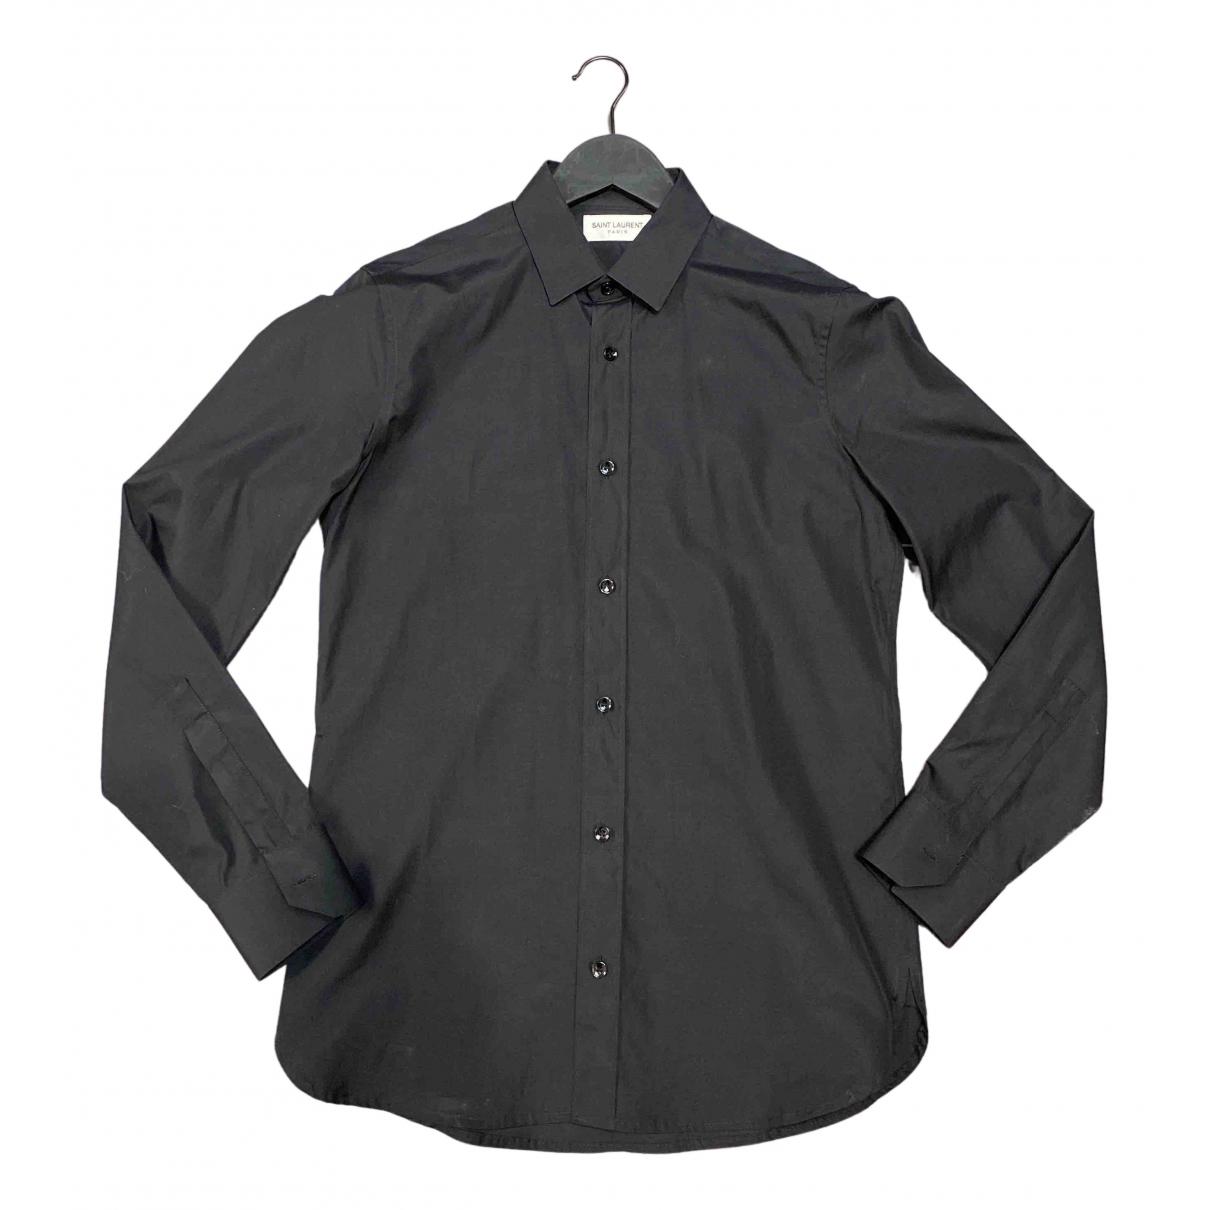 Saint Laurent N Black Cotton Shirts for Men 37 EU (tour de cou / collar)